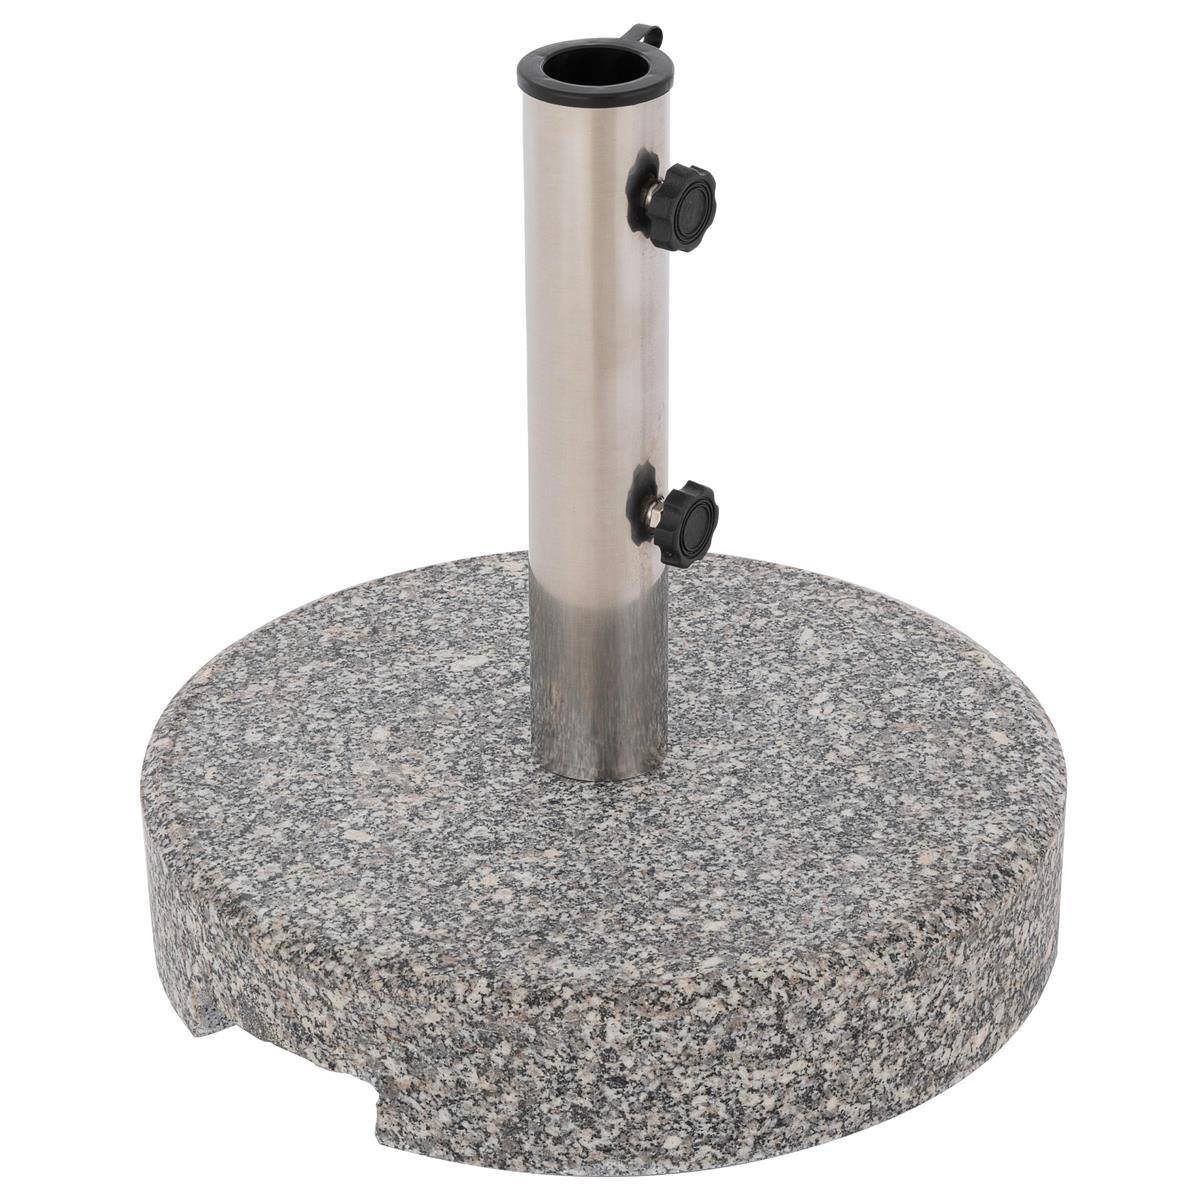 Schirmständer rund poliertes Granit ca. 25kg grau marmoriert Ø 38x38 cm